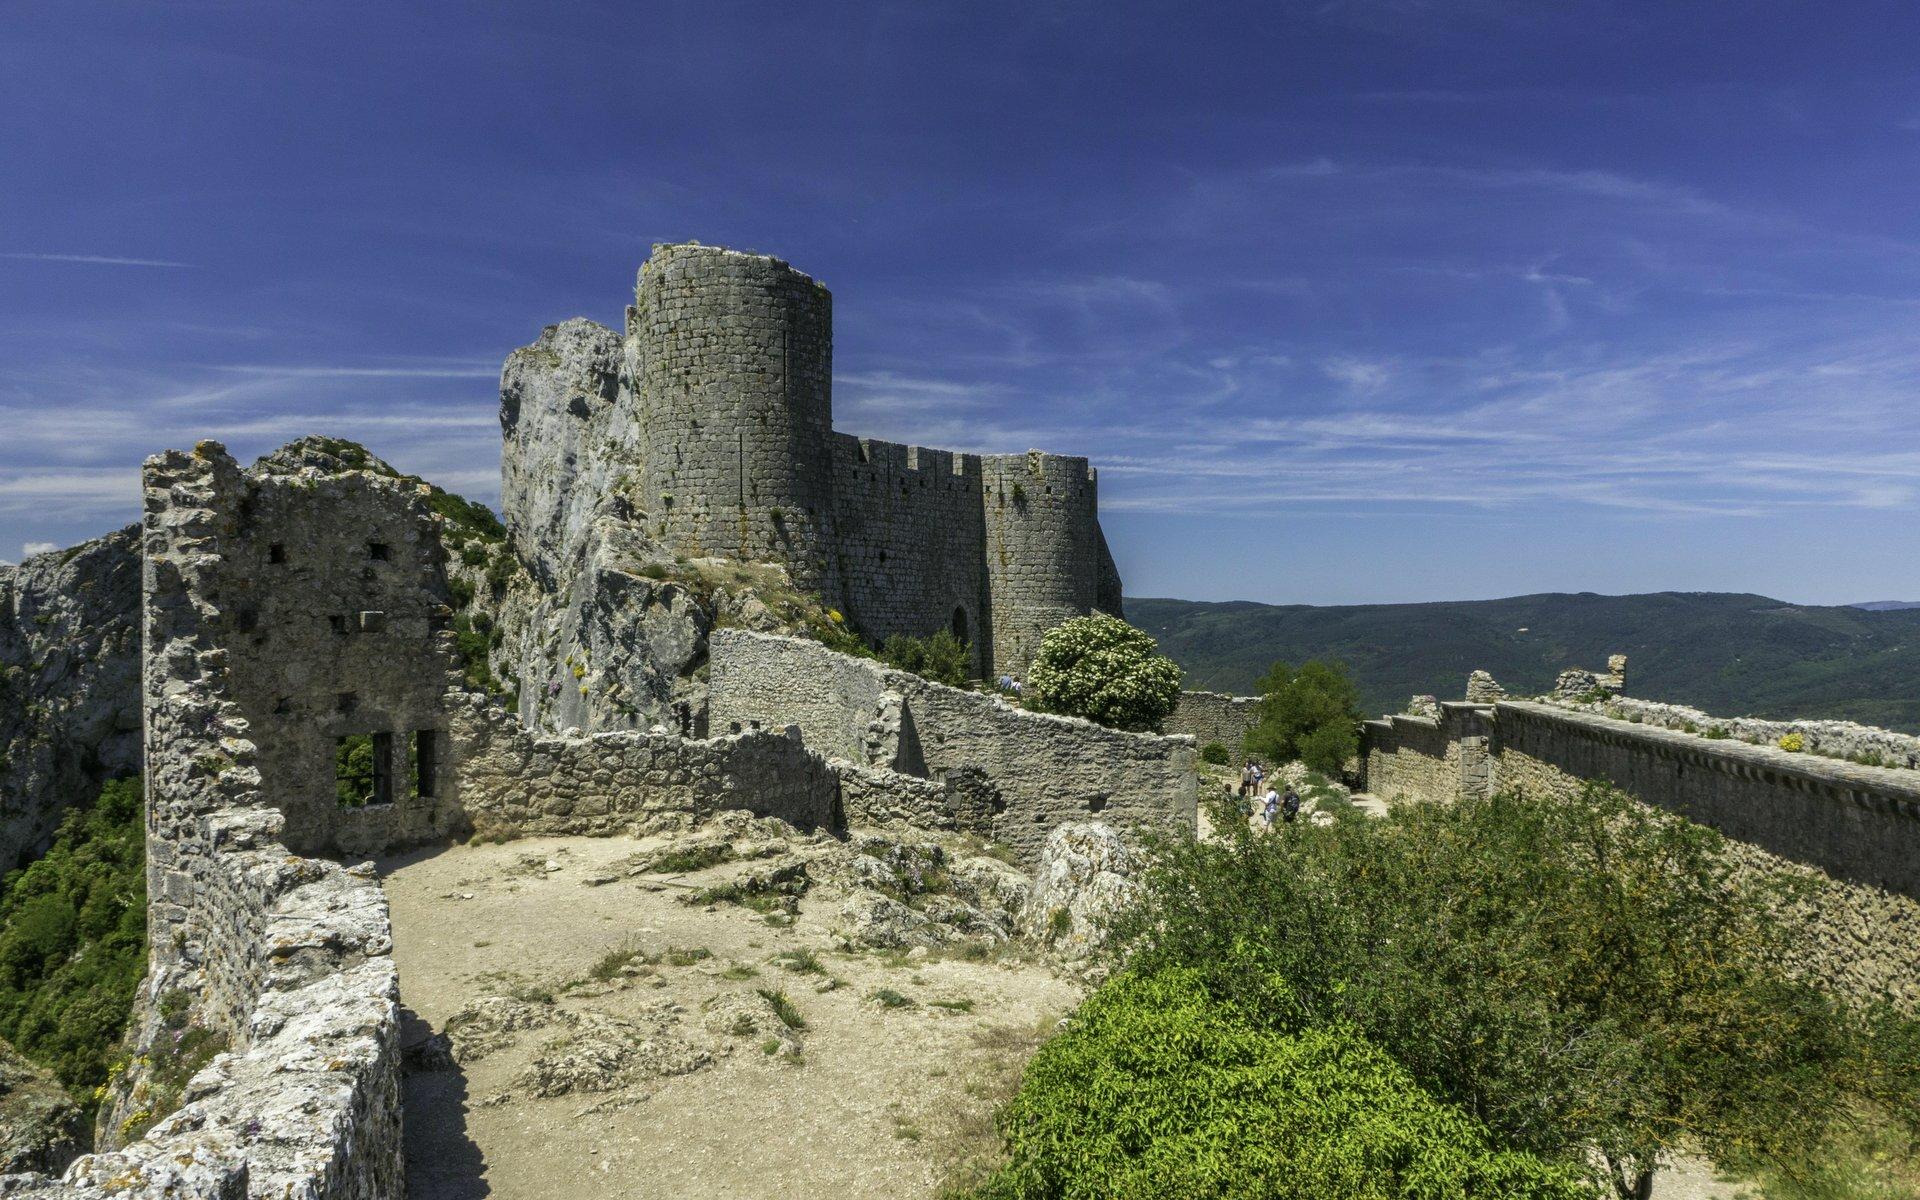 Blick auf den Donjon der unteren Burg vom Château de Peyrepertuse